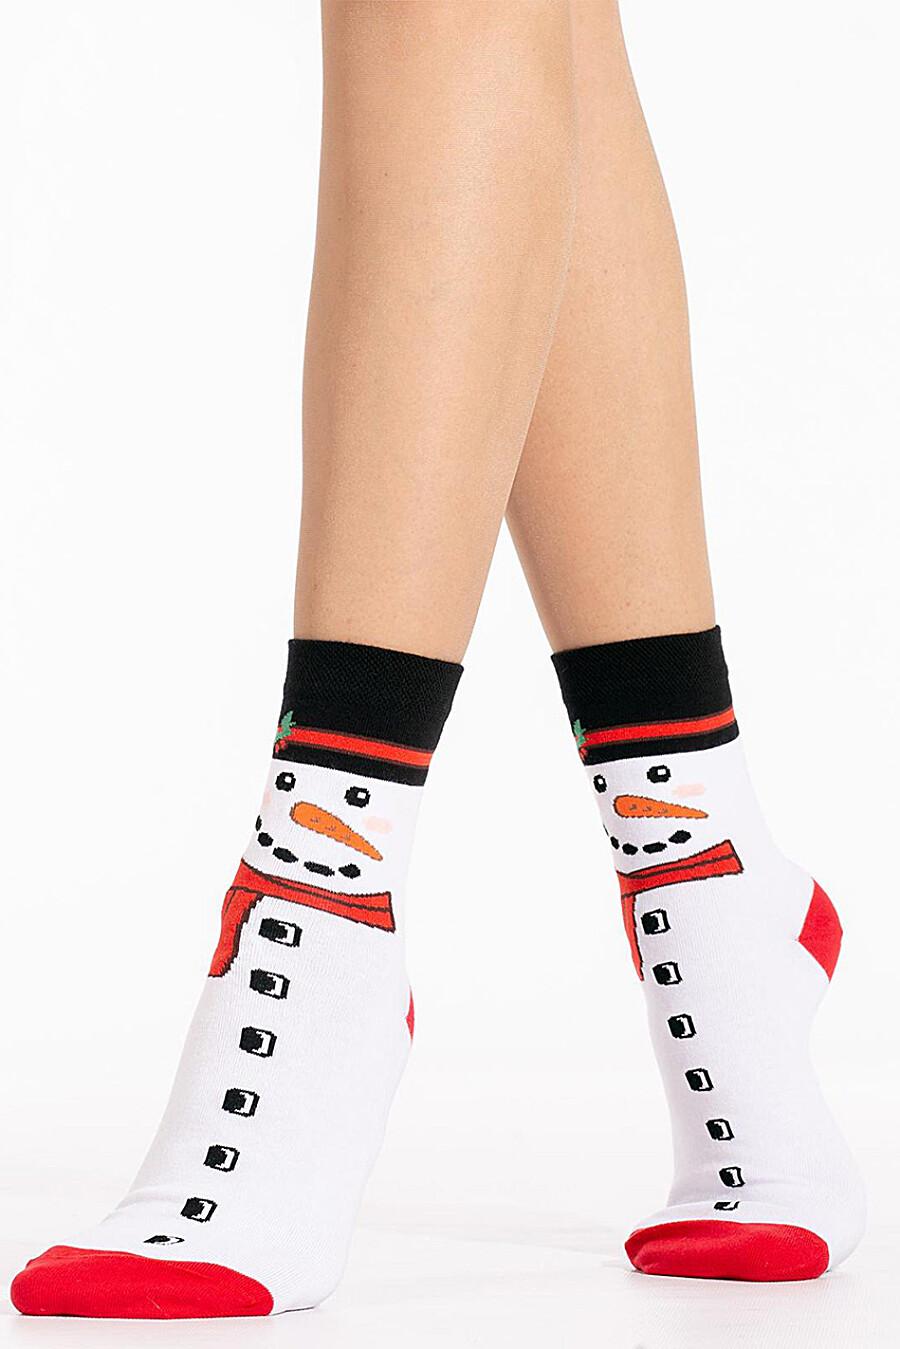 Носки для женщин GIULIA 260707 купить оптом от производителя. Совместная покупка женской одежды в OptMoyo